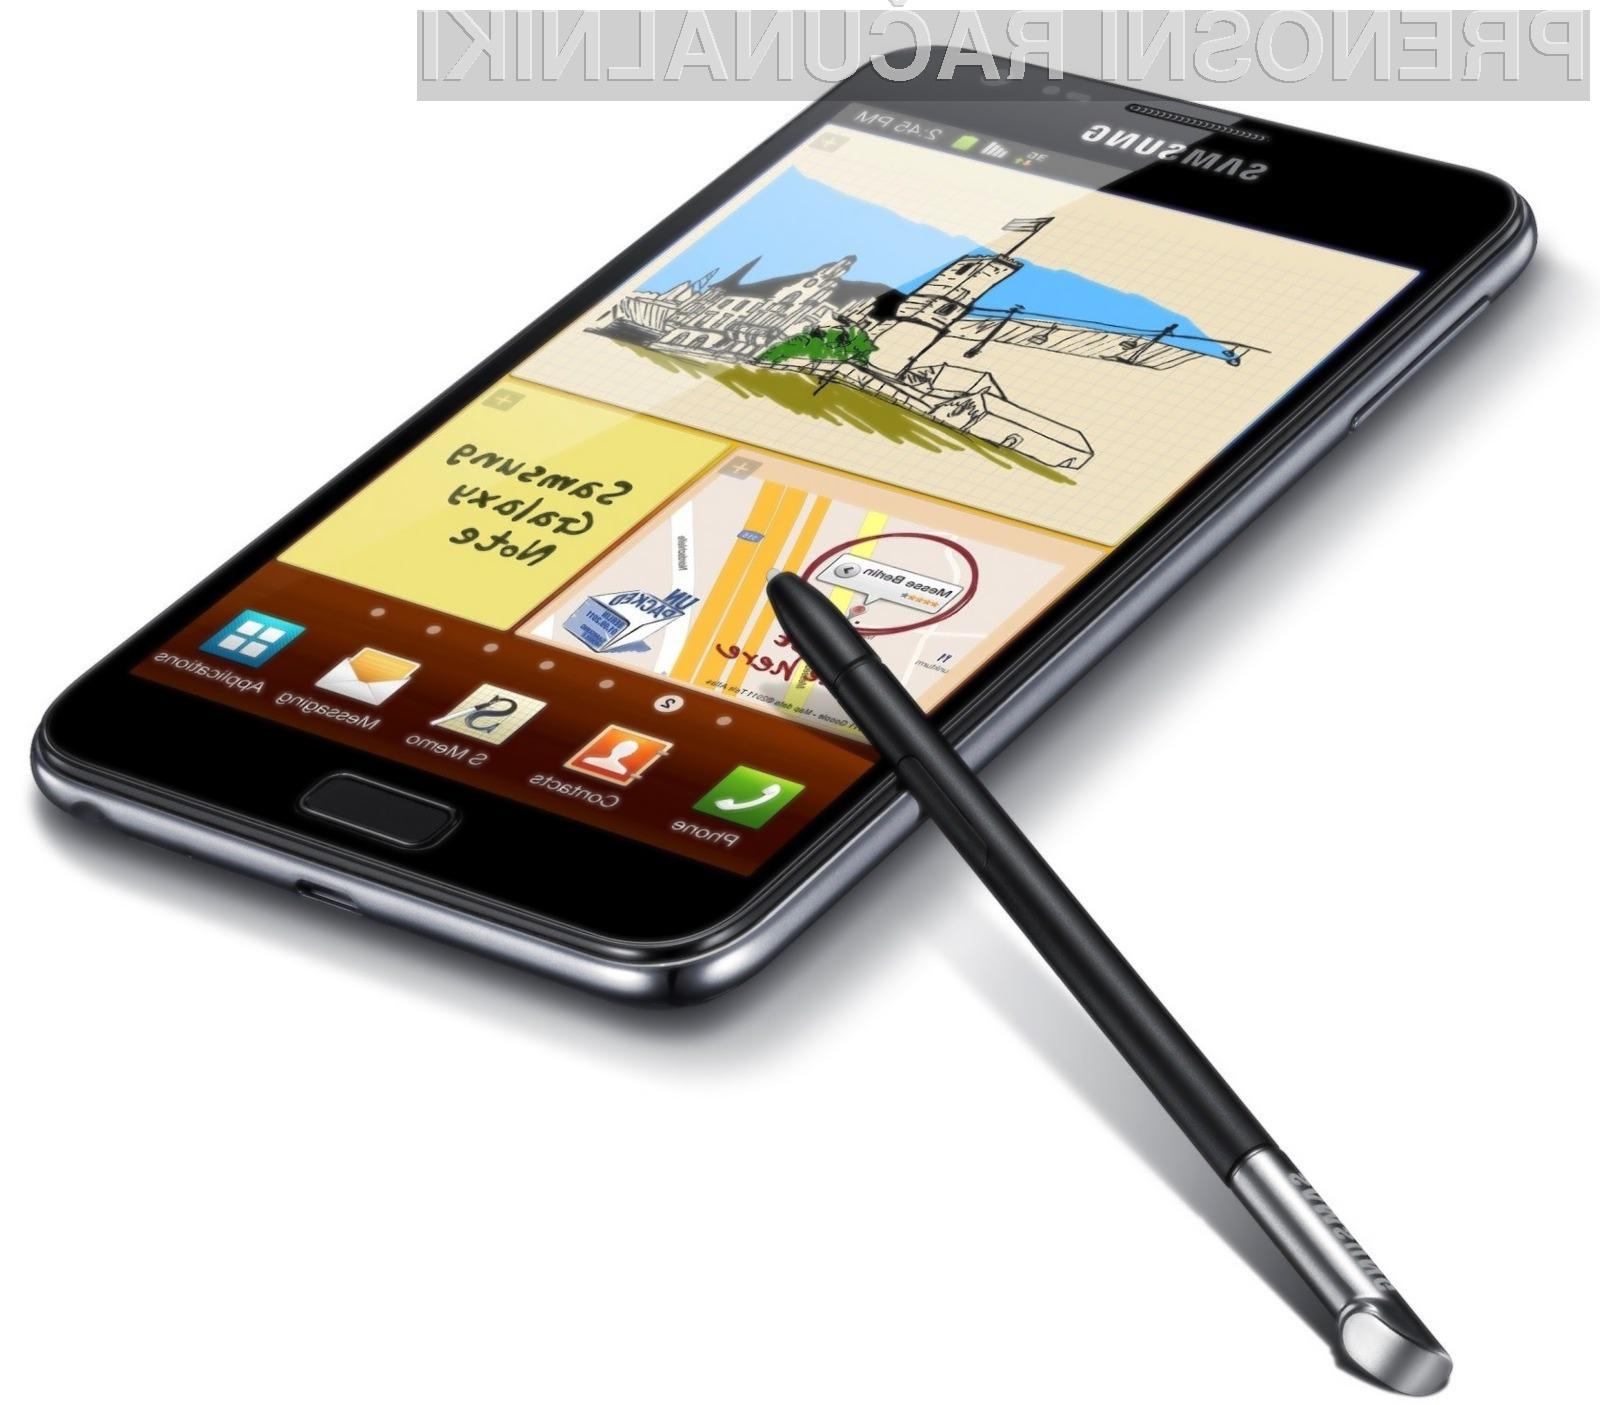 Priljubljenost naprave Galaxy Note je verjetno presenetila tudi podjetje Samsung.